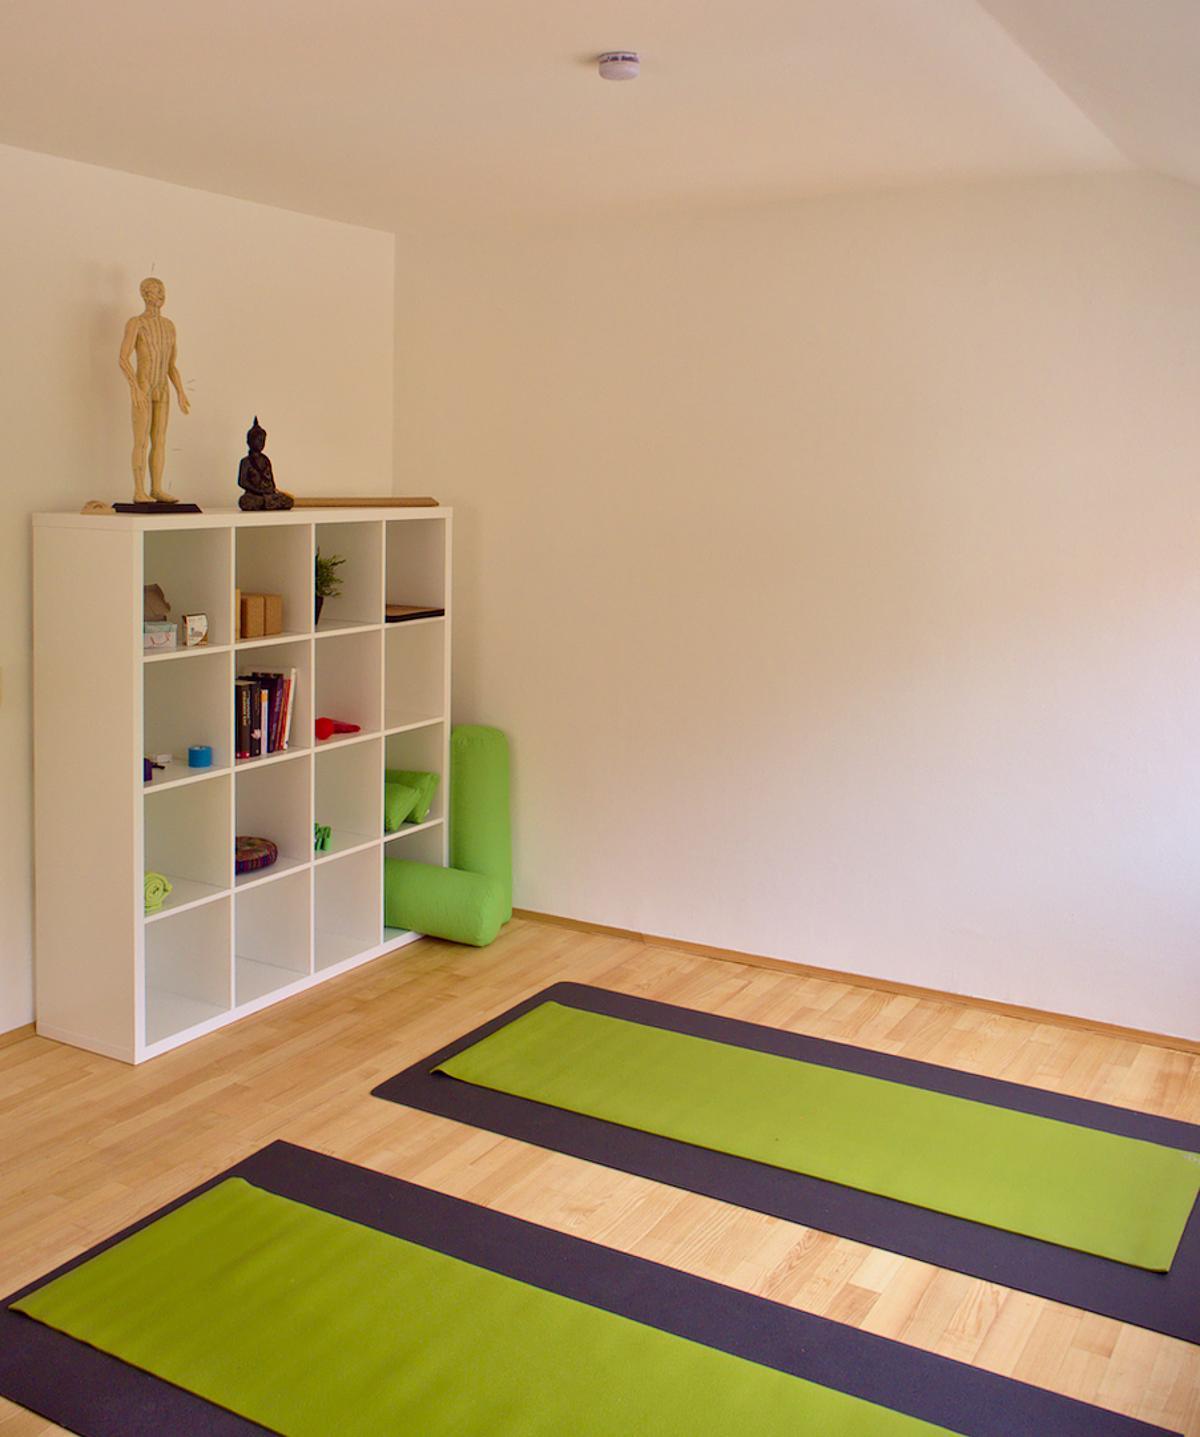 die Yogamatten bieten Platz zum praktizieren der Yoga Asanas